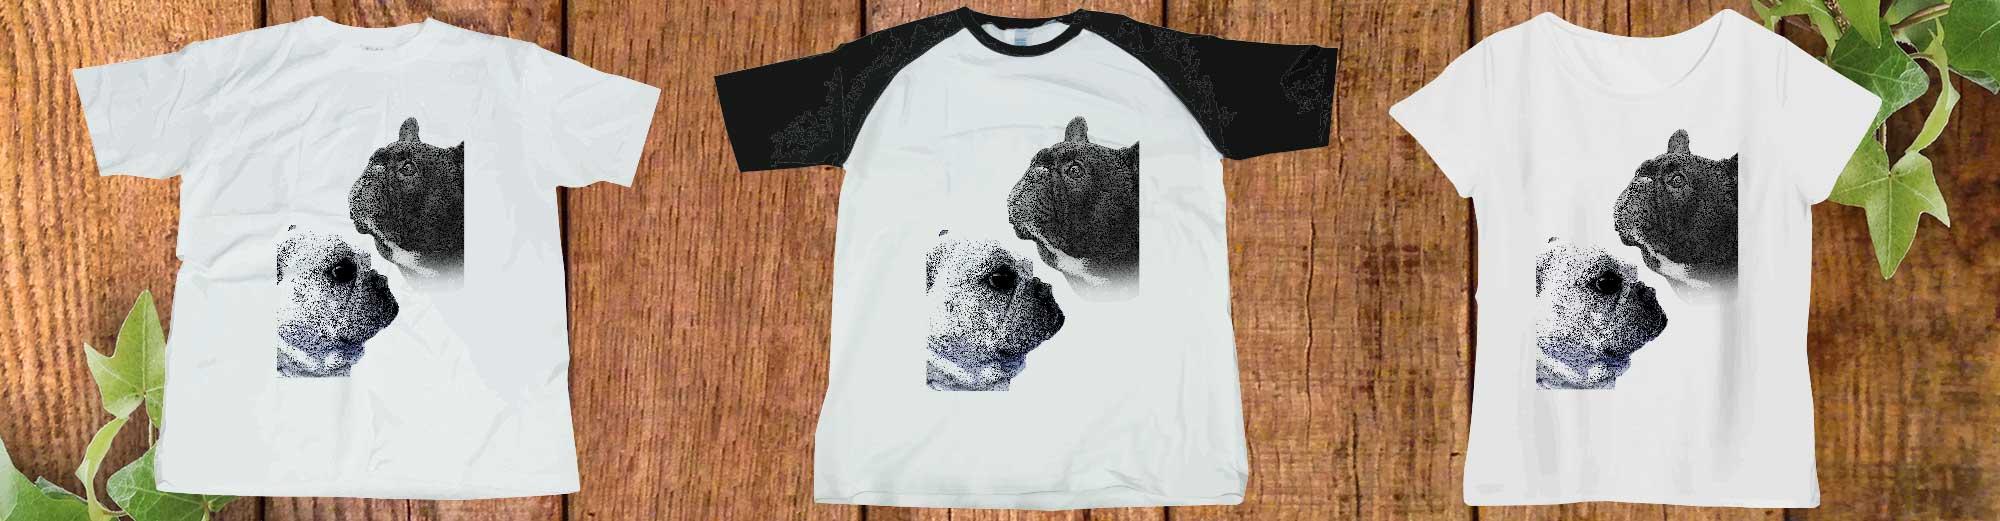 フレンチブルドッグアートphotoTシャツ